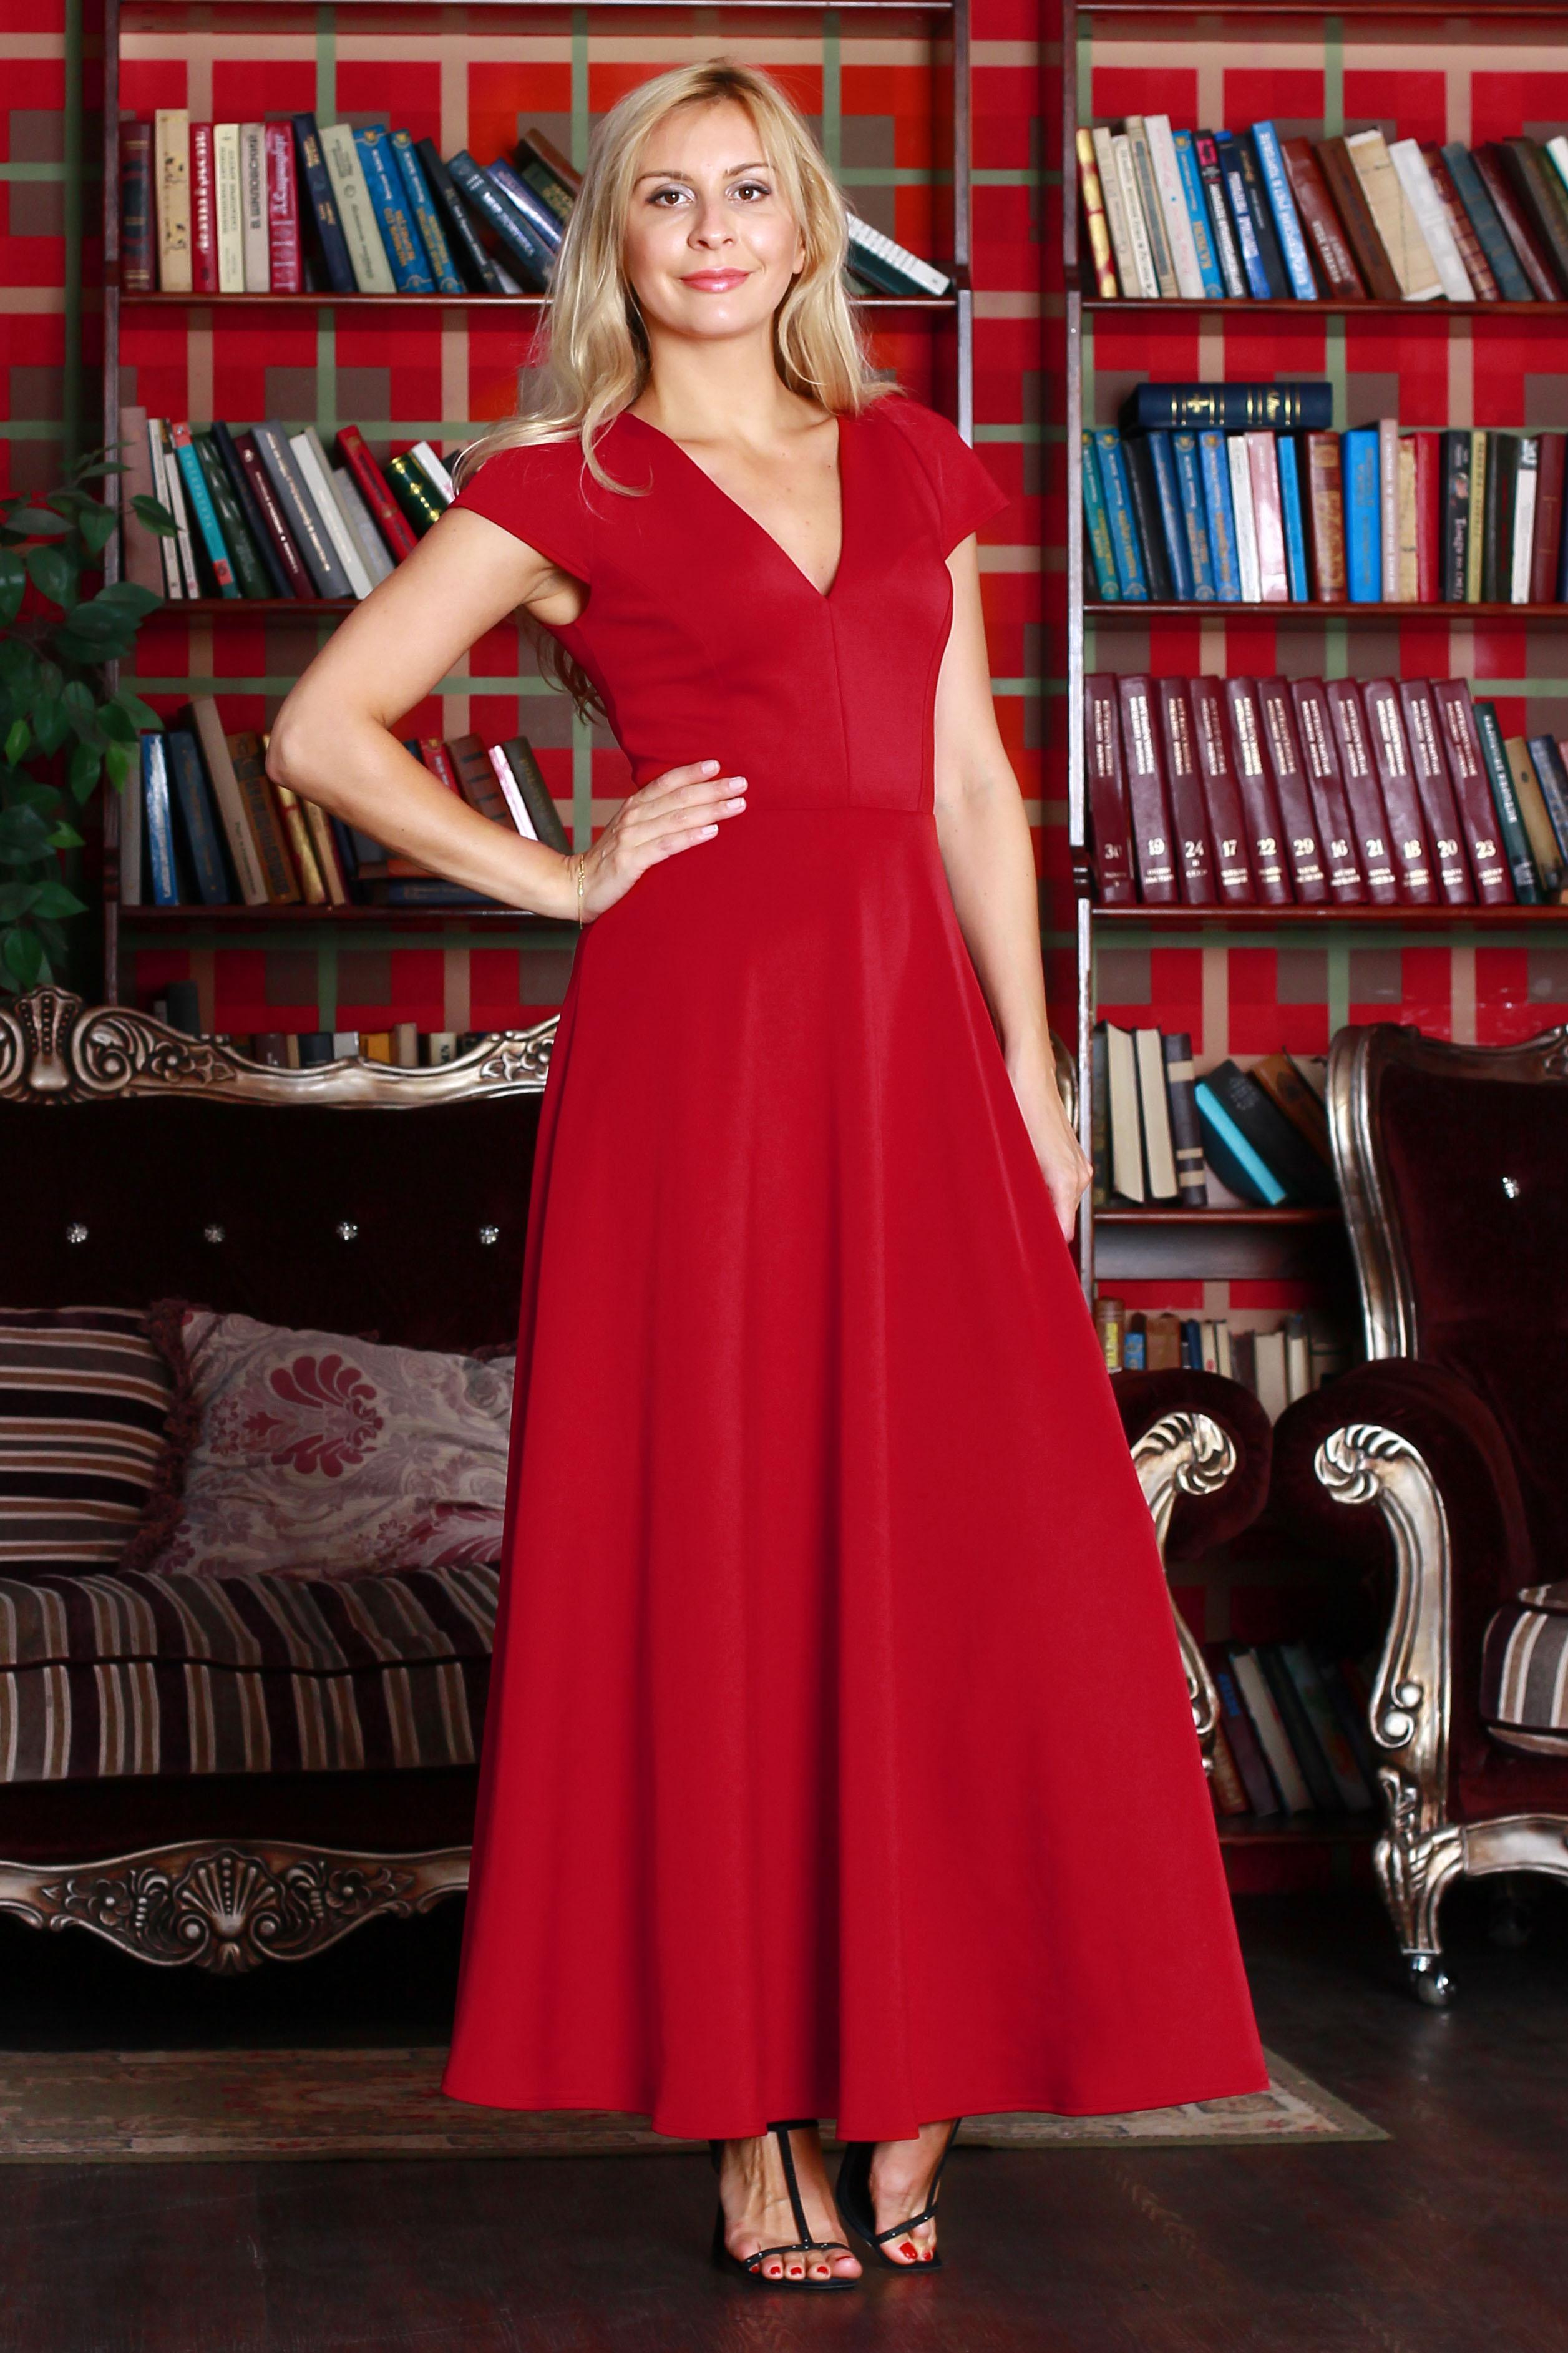 ПлатьеПлатья<br>Платье из плотного трикотажного полотна с эластаном приталенного силуэта, отрезное по линии талии с длинной расклешенной юбкой. Полочка и спинка с рельефами и с глубоким v-образным вырезом, рукав - крыло.  Цвет: красный  Ростовка изделия 170 см.<br><br>Горловина: V- горловина<br>По длине: Макси<br>По материалу: Вискоза,Трикотаж<br>По образу: Город,Свидание<br>По рисунку: Однотонные<br>По сезону: Весна,Всесезон,Зима,Лето,Осень<br>По силуэту: Полуприталенные<br>По стилю: Нарядный стиль,Повседневный стиль<br>По форме: Платье - трапеция<br>Рукав: Короткий рукав<br>Размер : 42,44,50<br>Материал: Трикотаж<br>Количество в наличии: 3